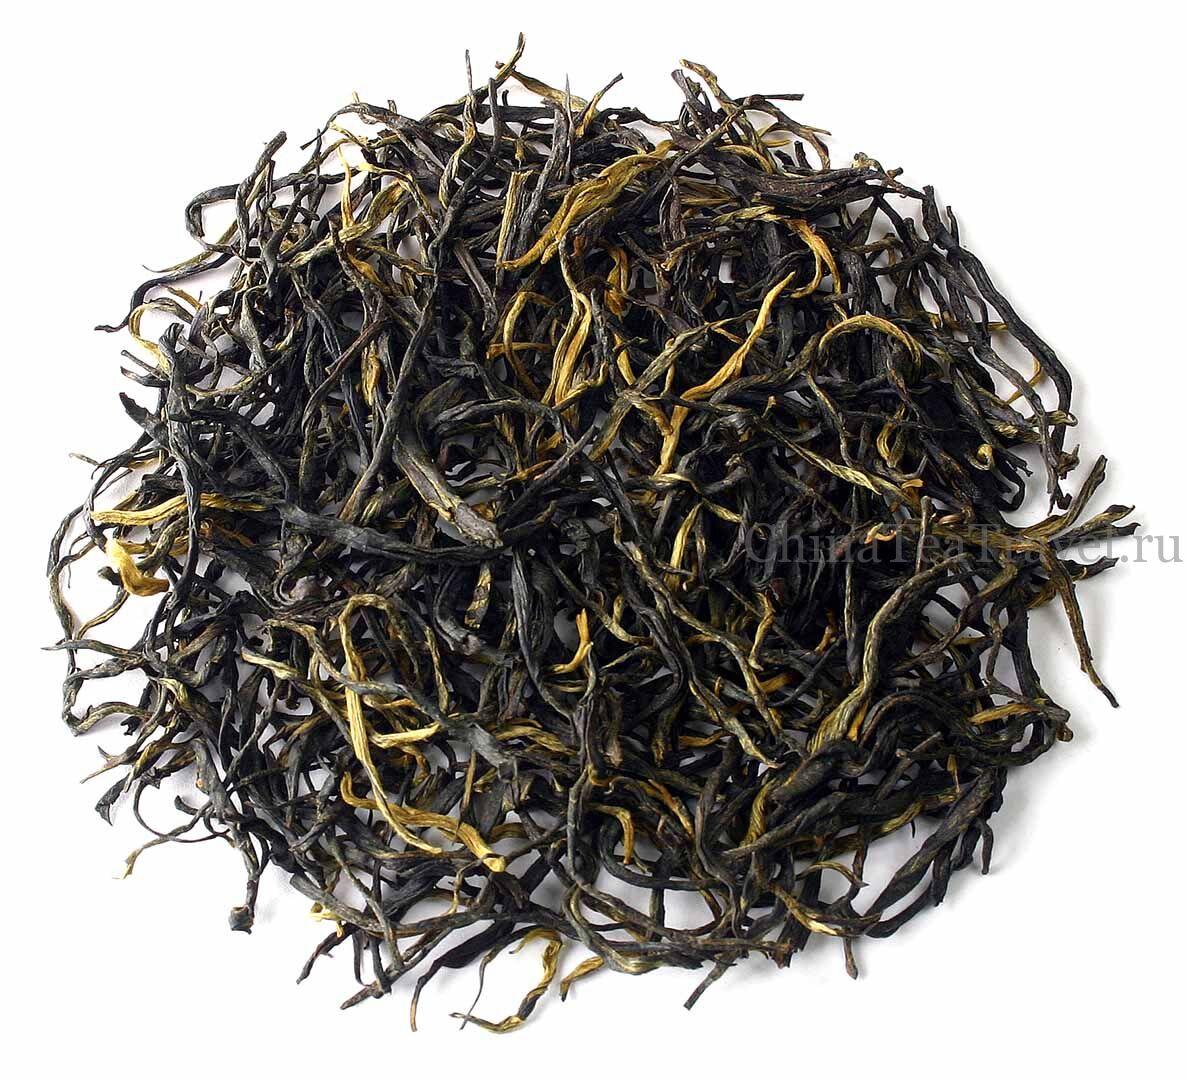 1 Старый красный чай «Лао Хун Ча» с вековых деревьев и кустов. Qian Jia Zhai Lao Da Shu Hong Cha '15Spr. Tea trees&bushes 100 y.o.